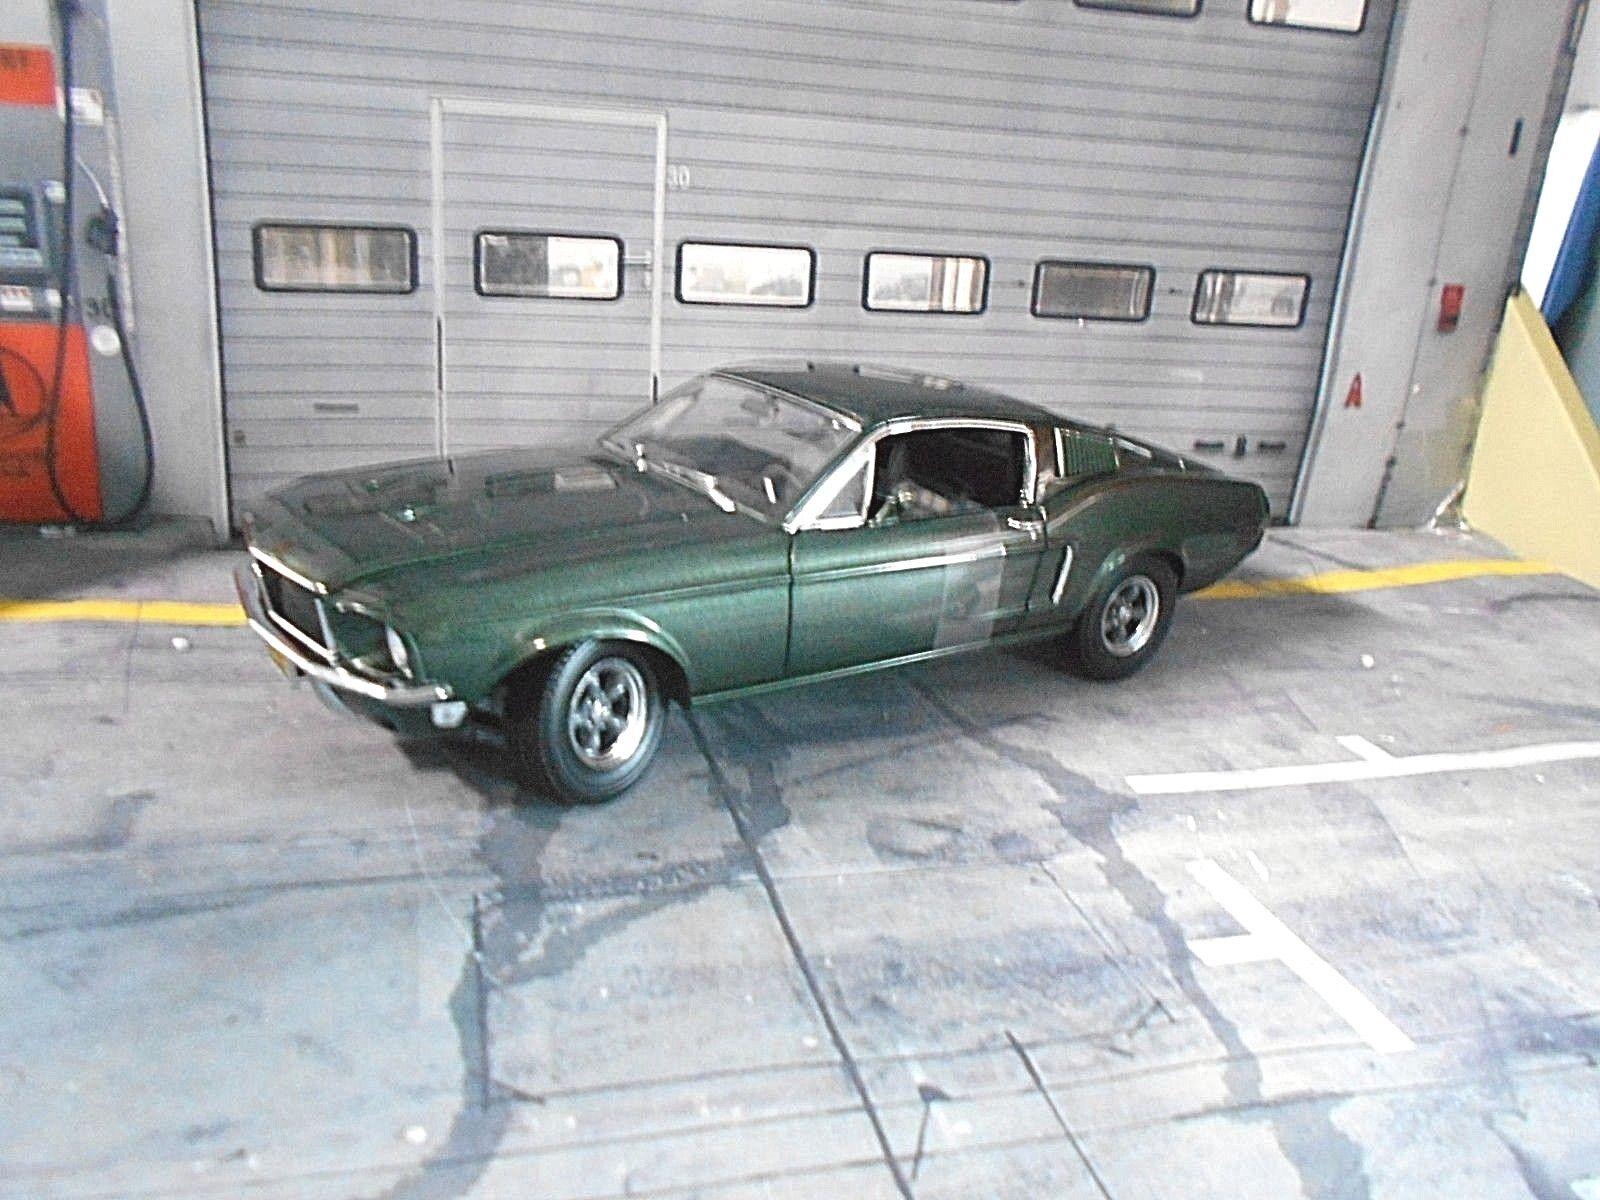 Ford Mustang GT coupé 1968 steve mcqueen Bullitt verde + personaje verdeLight 1 18